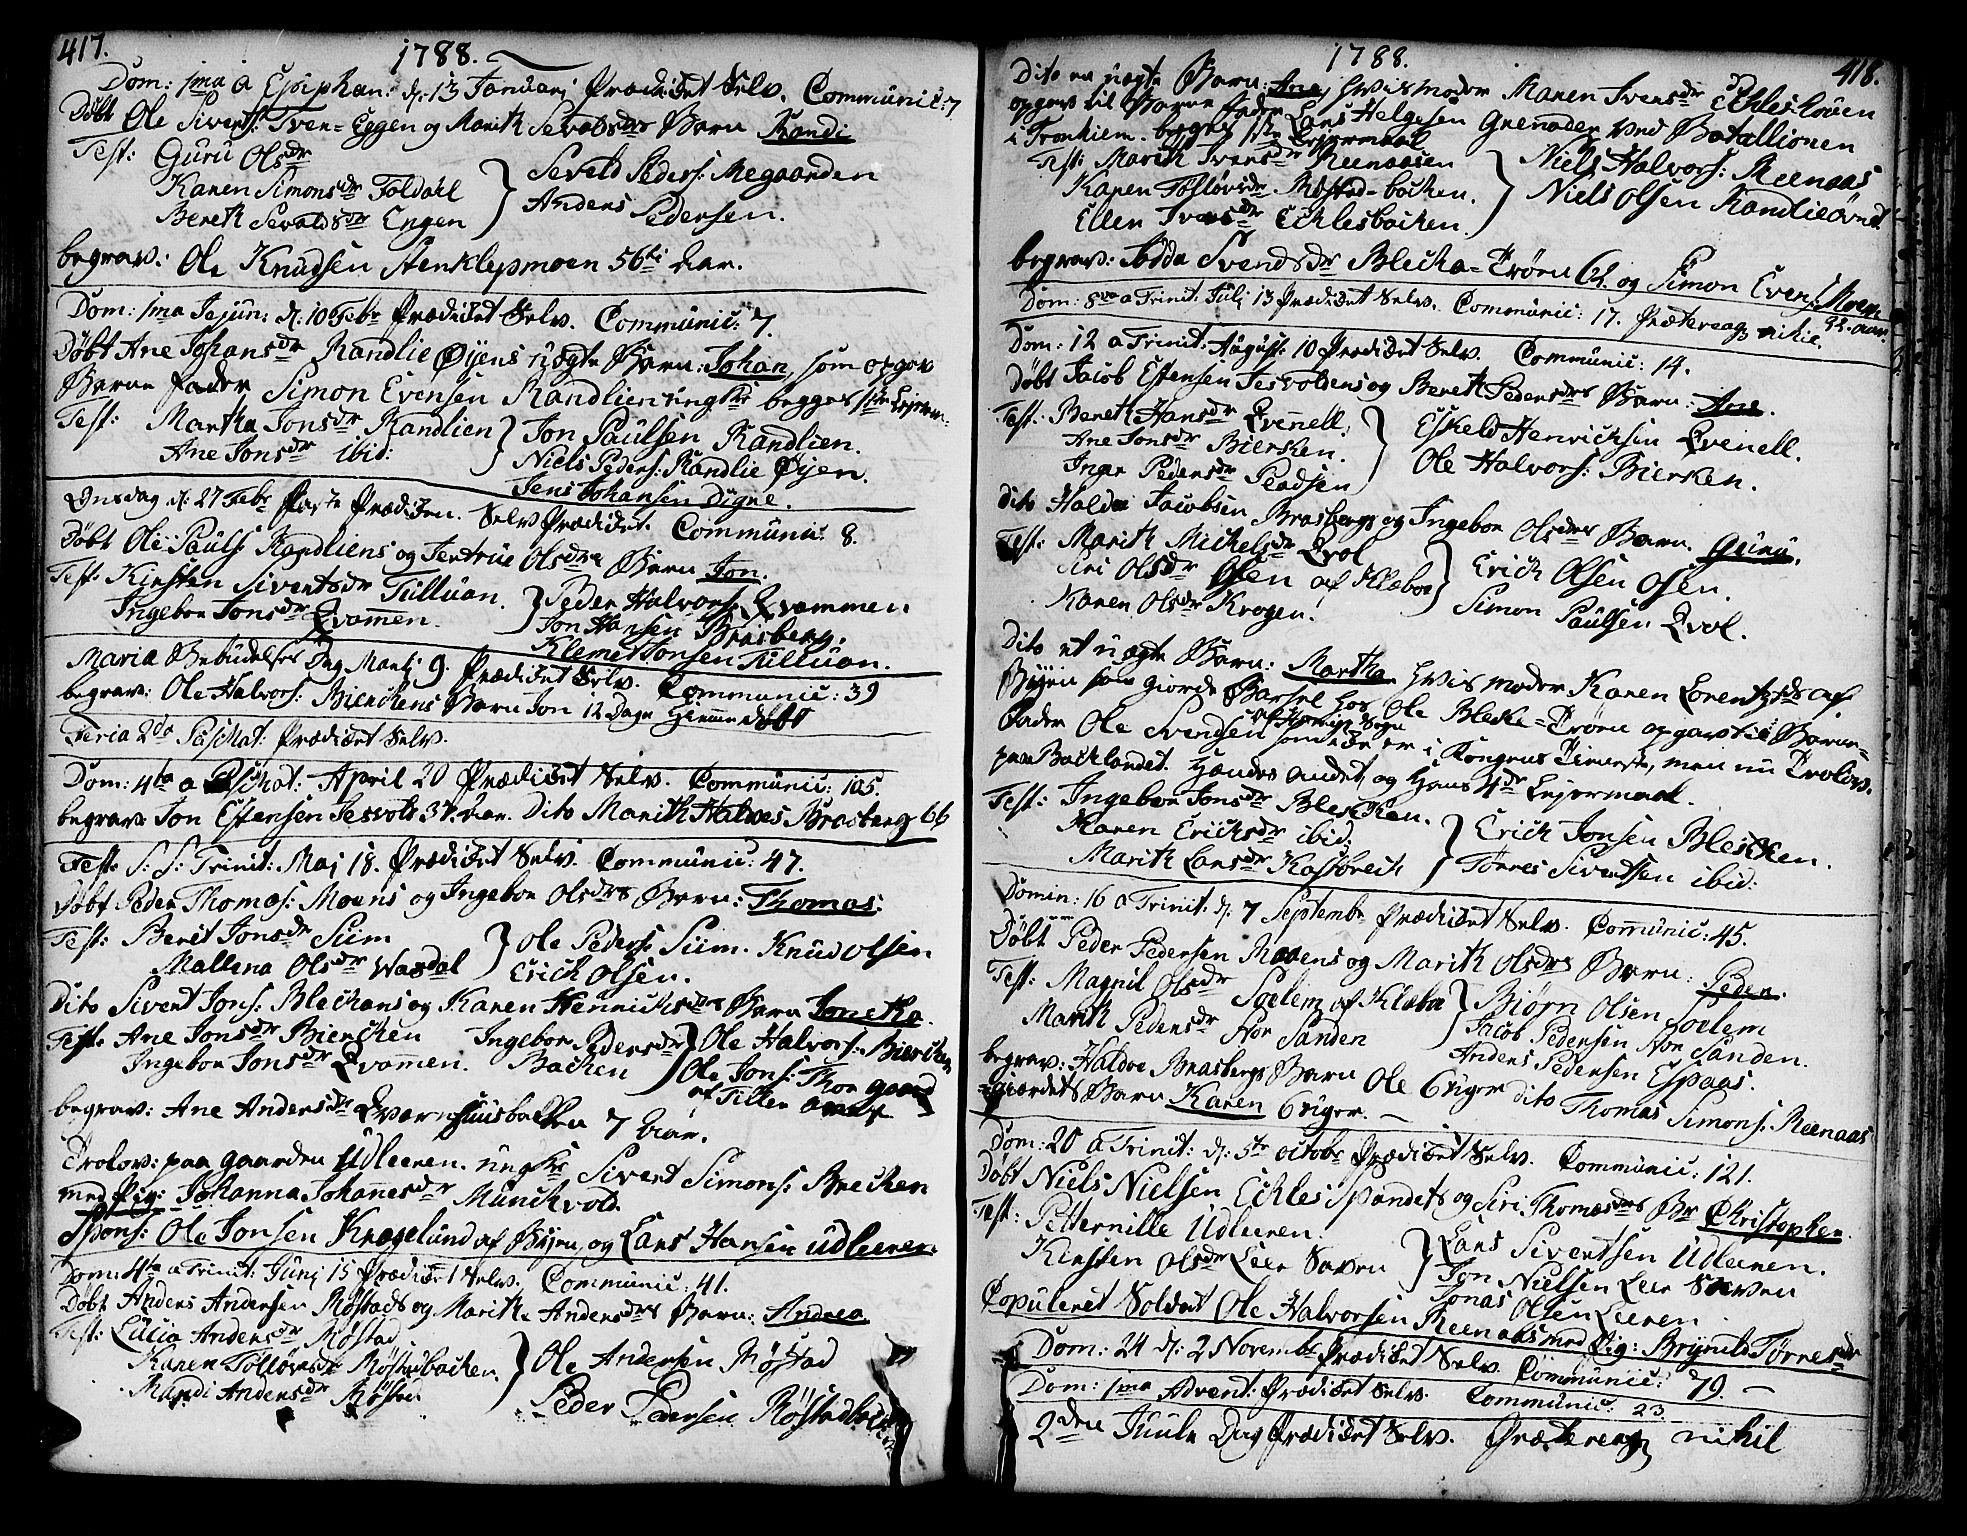 SAT, Ministerialprotokoller, klokkerbøker og fødselsregistre - Sør-Trøndelag, 606/L0282: Ministerialbok nr. 606A02 /3, 1781-1817, s. 417-418